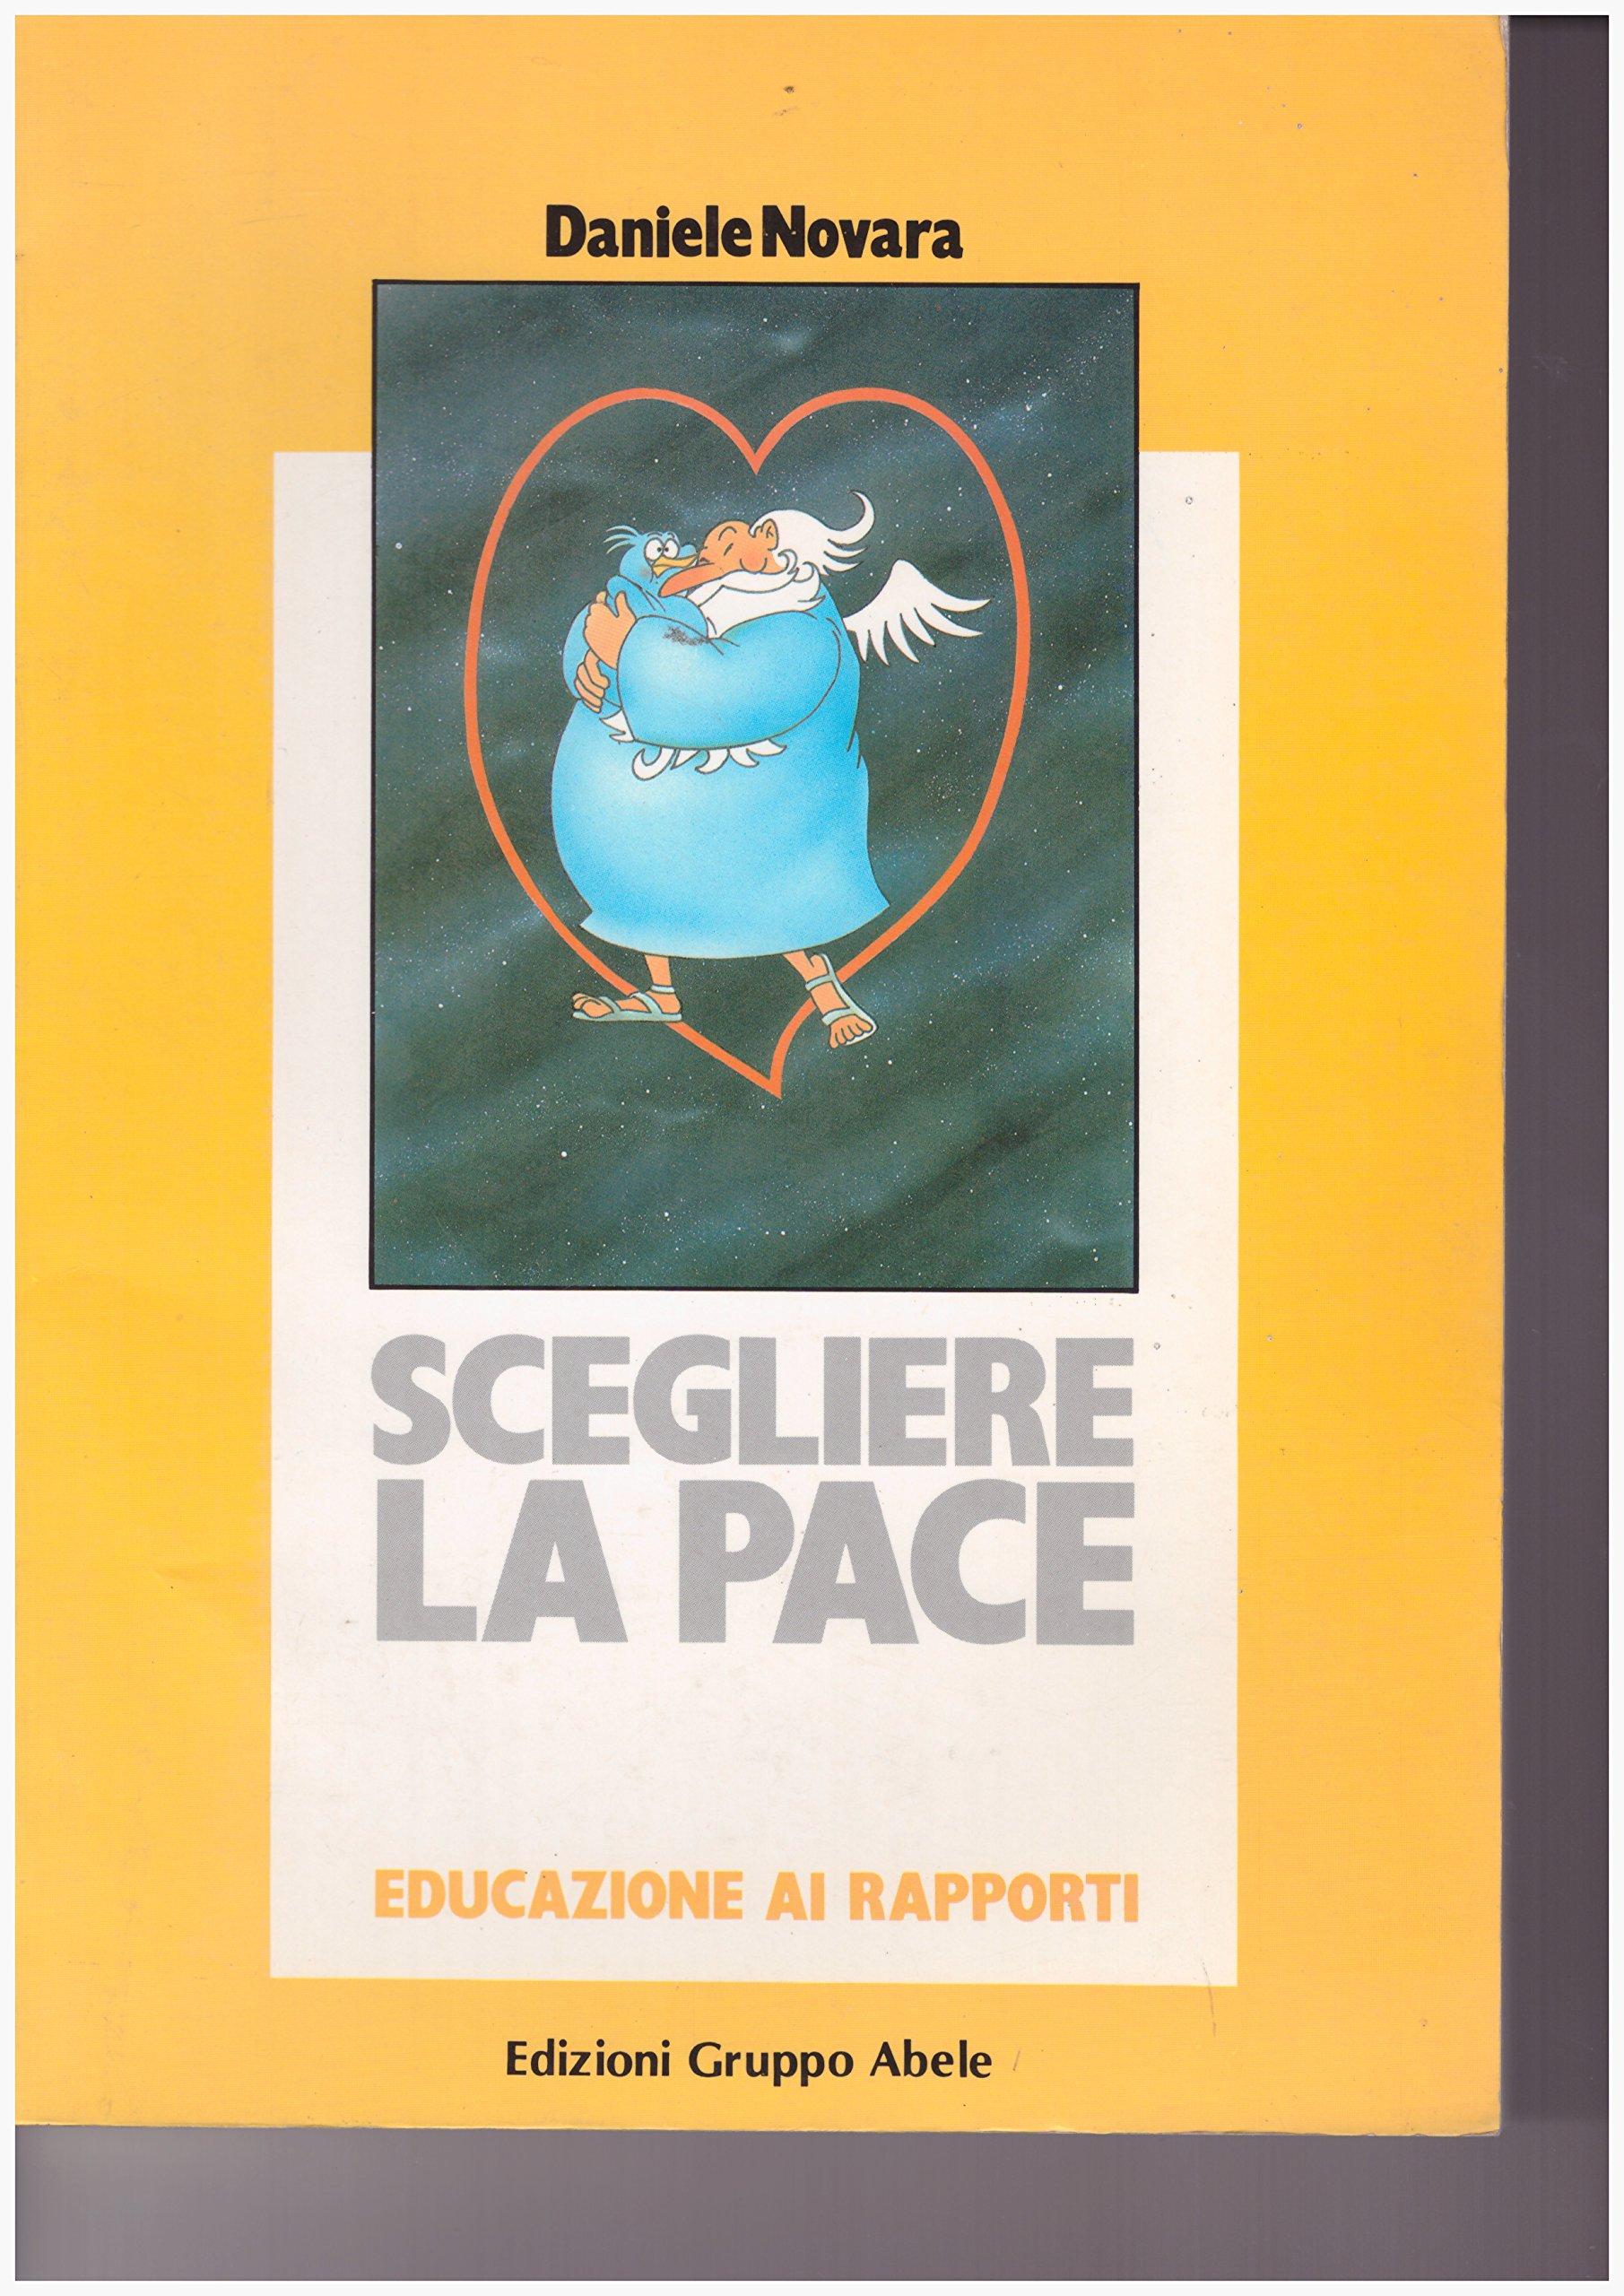 Scegliere la pace. Educazione ai rapporti